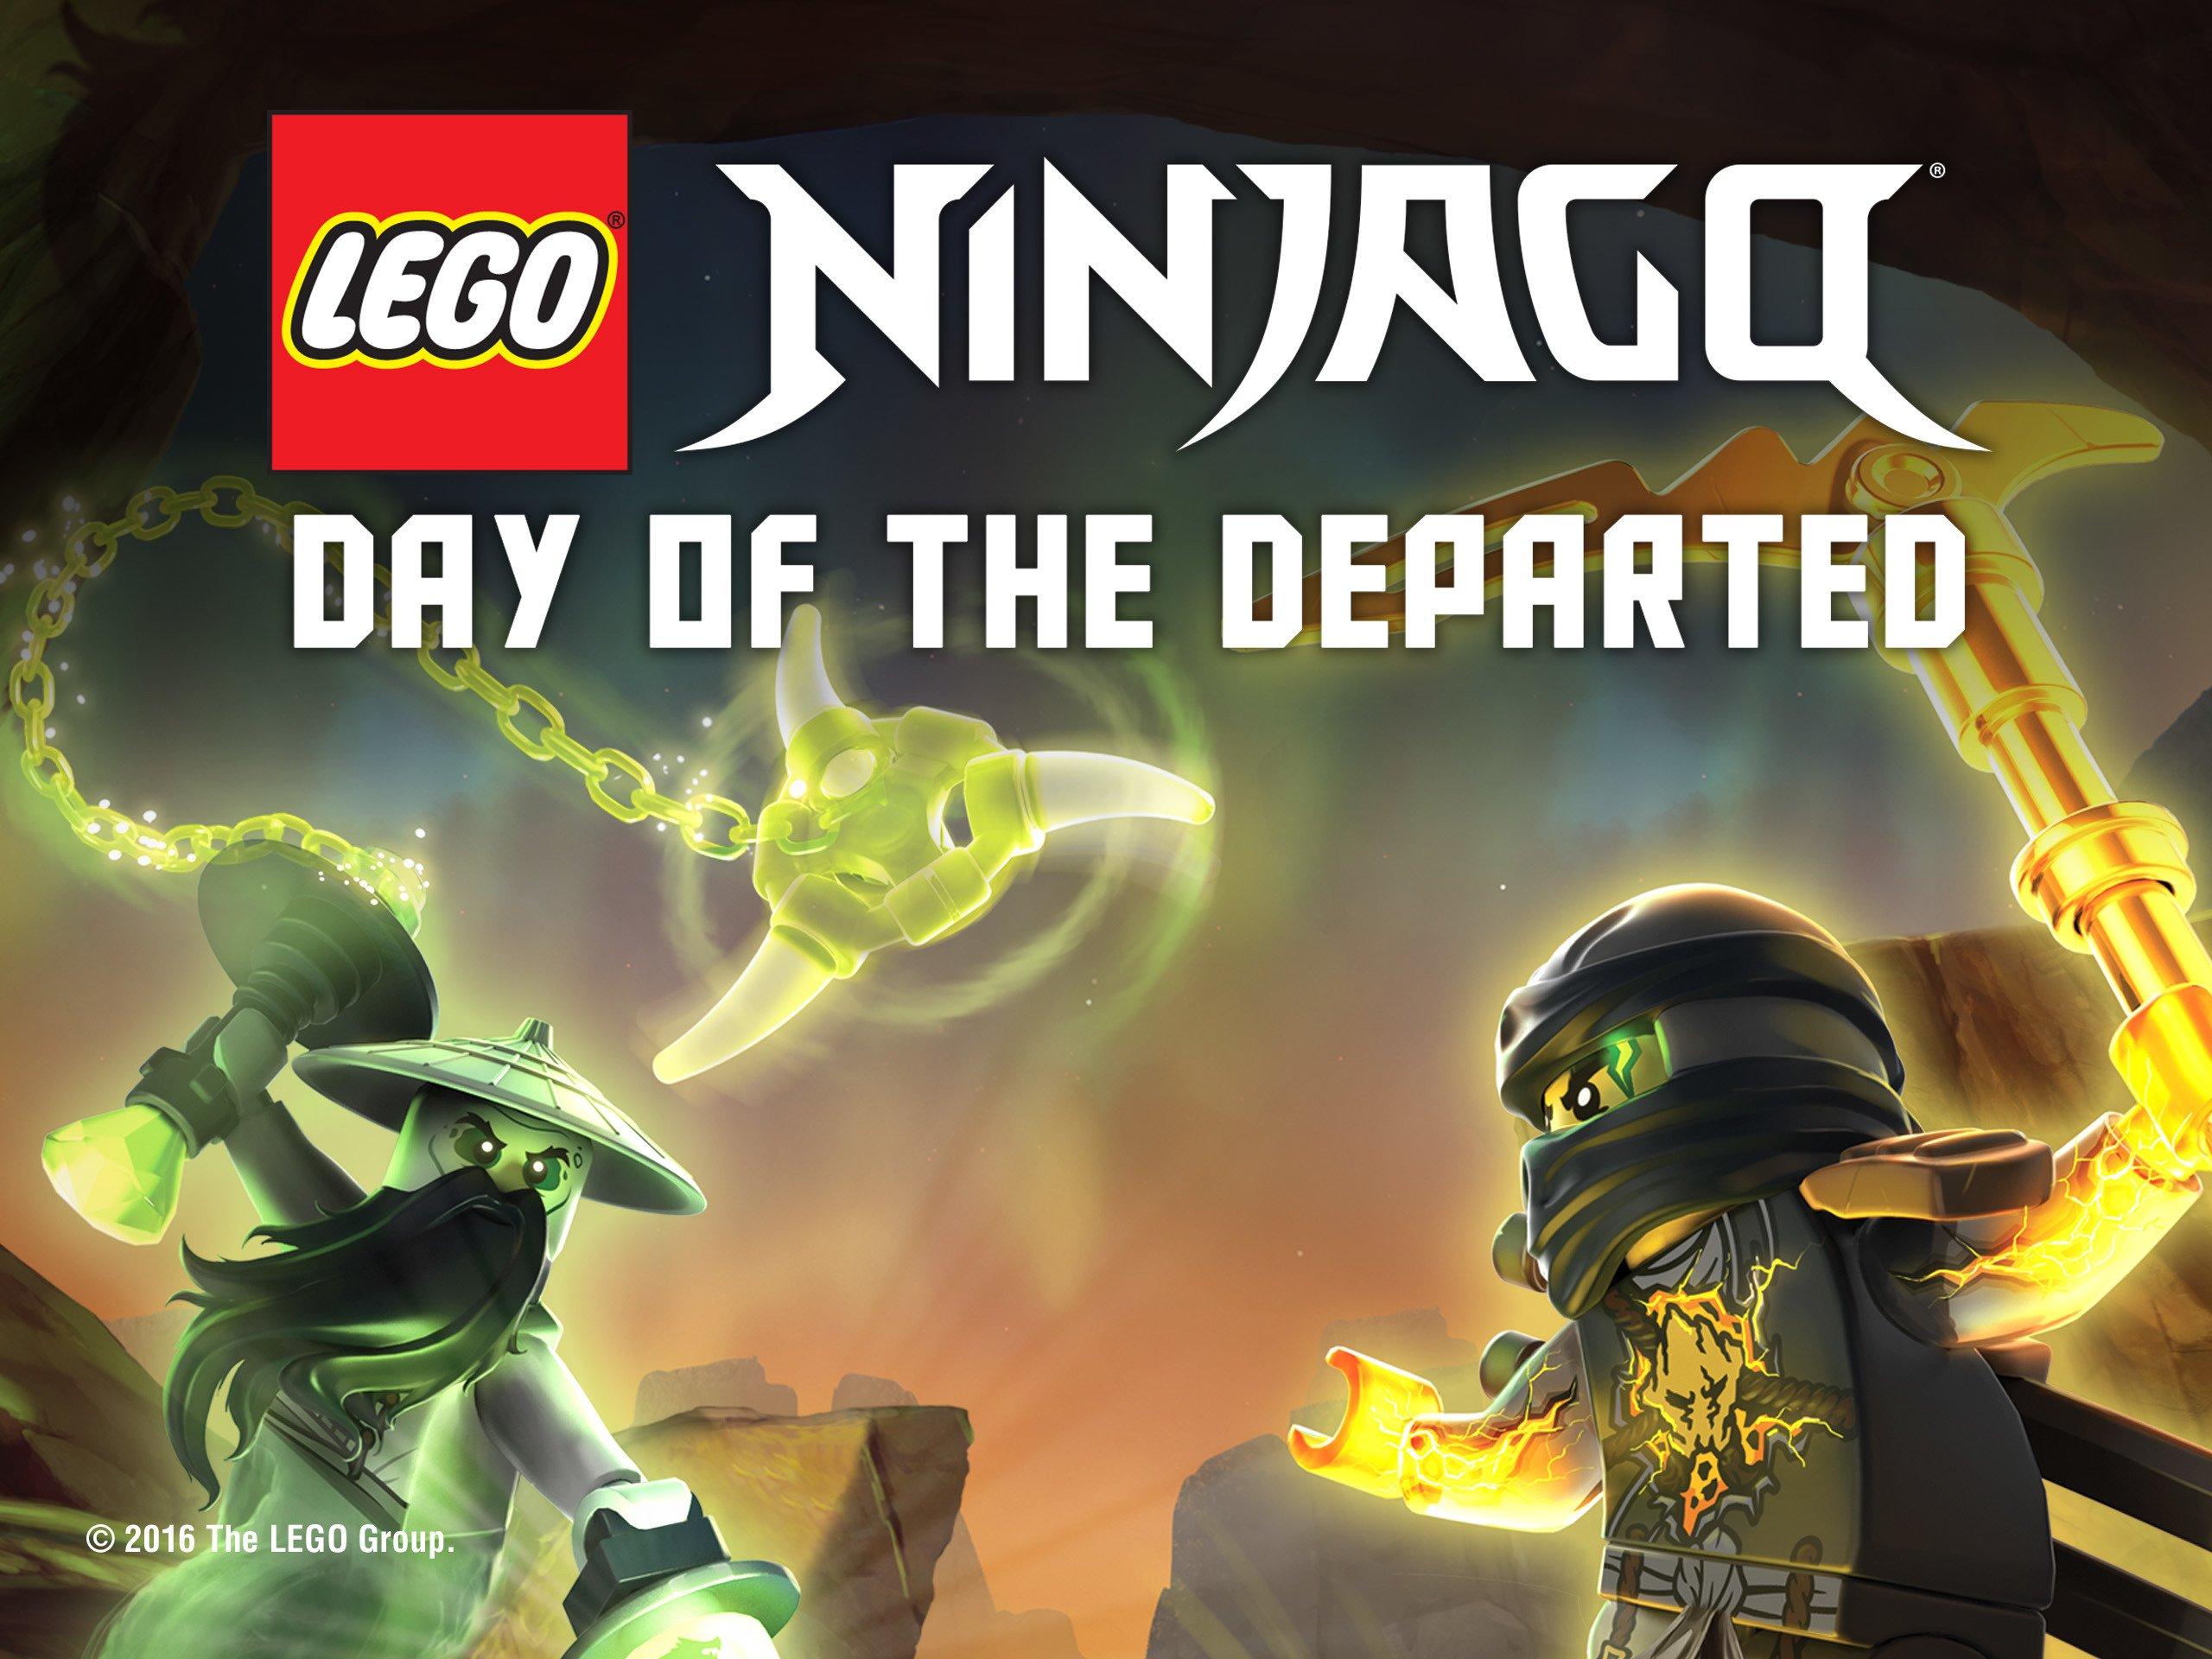 Amazon.com: Watch LEGO Ninjago: Day of the Departed Season 1 ...